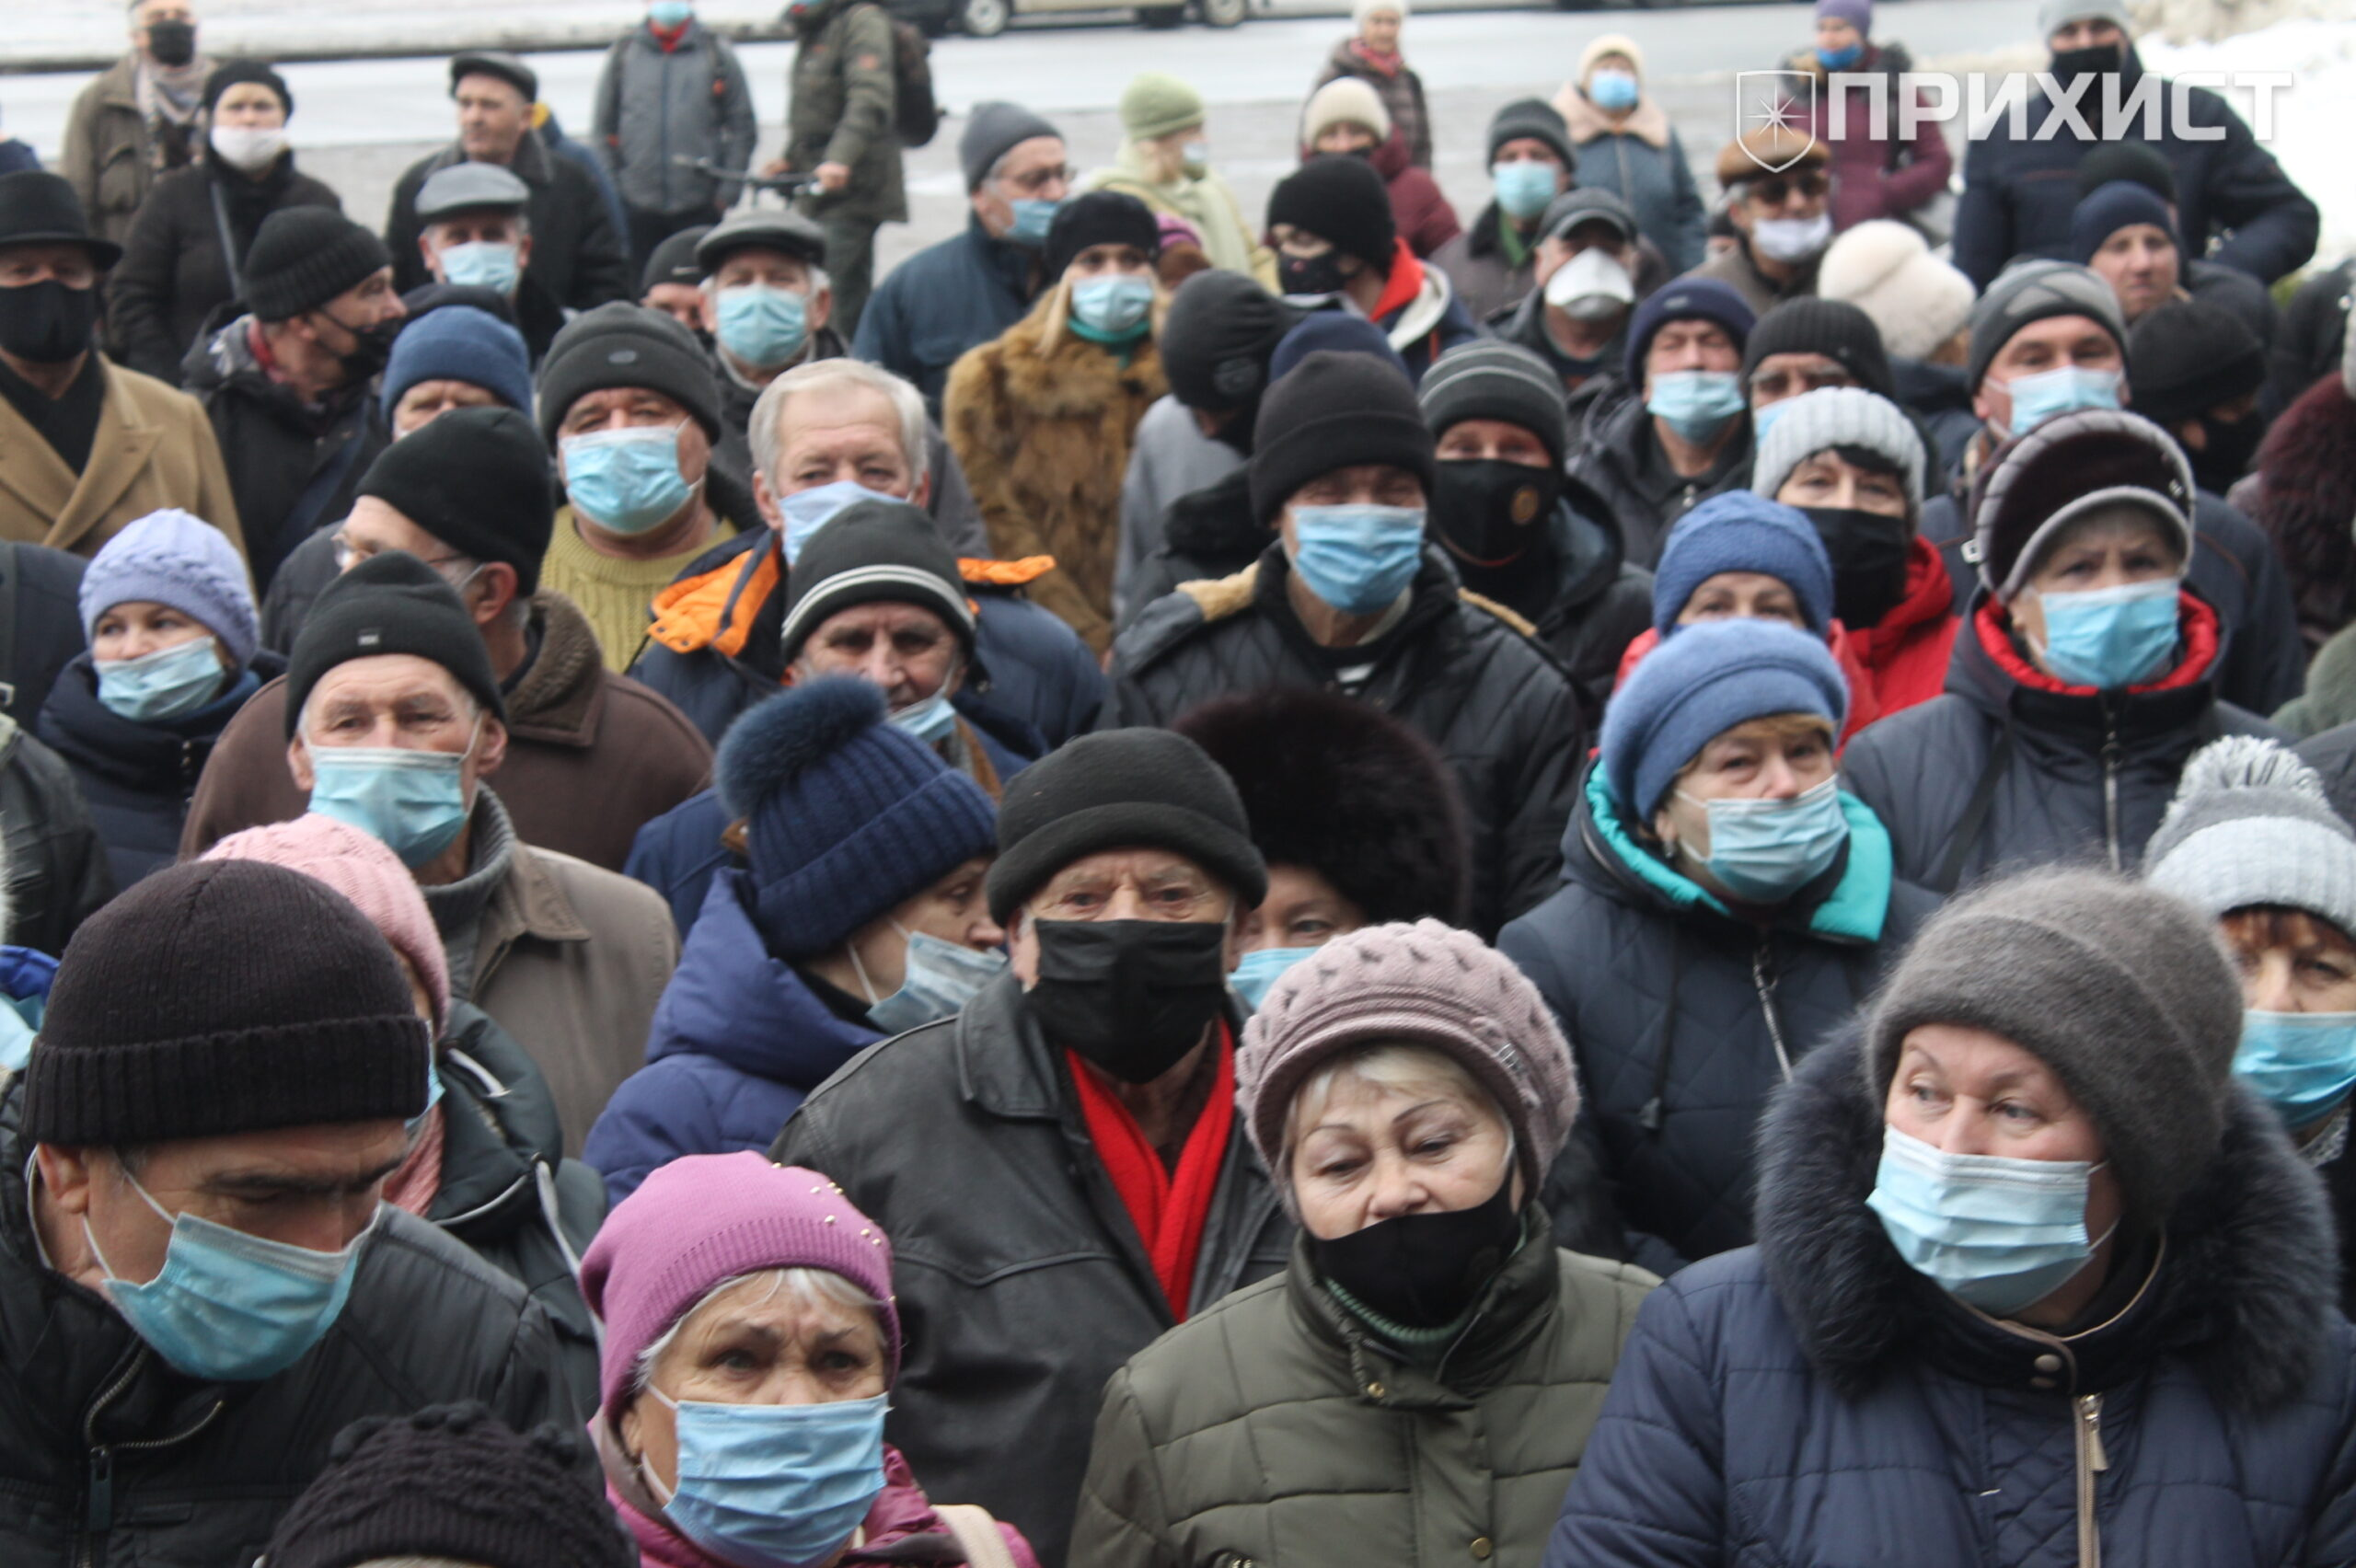 Акция протеста: никопольчане требуют возвращения льгот на электроэнергию | Прихист